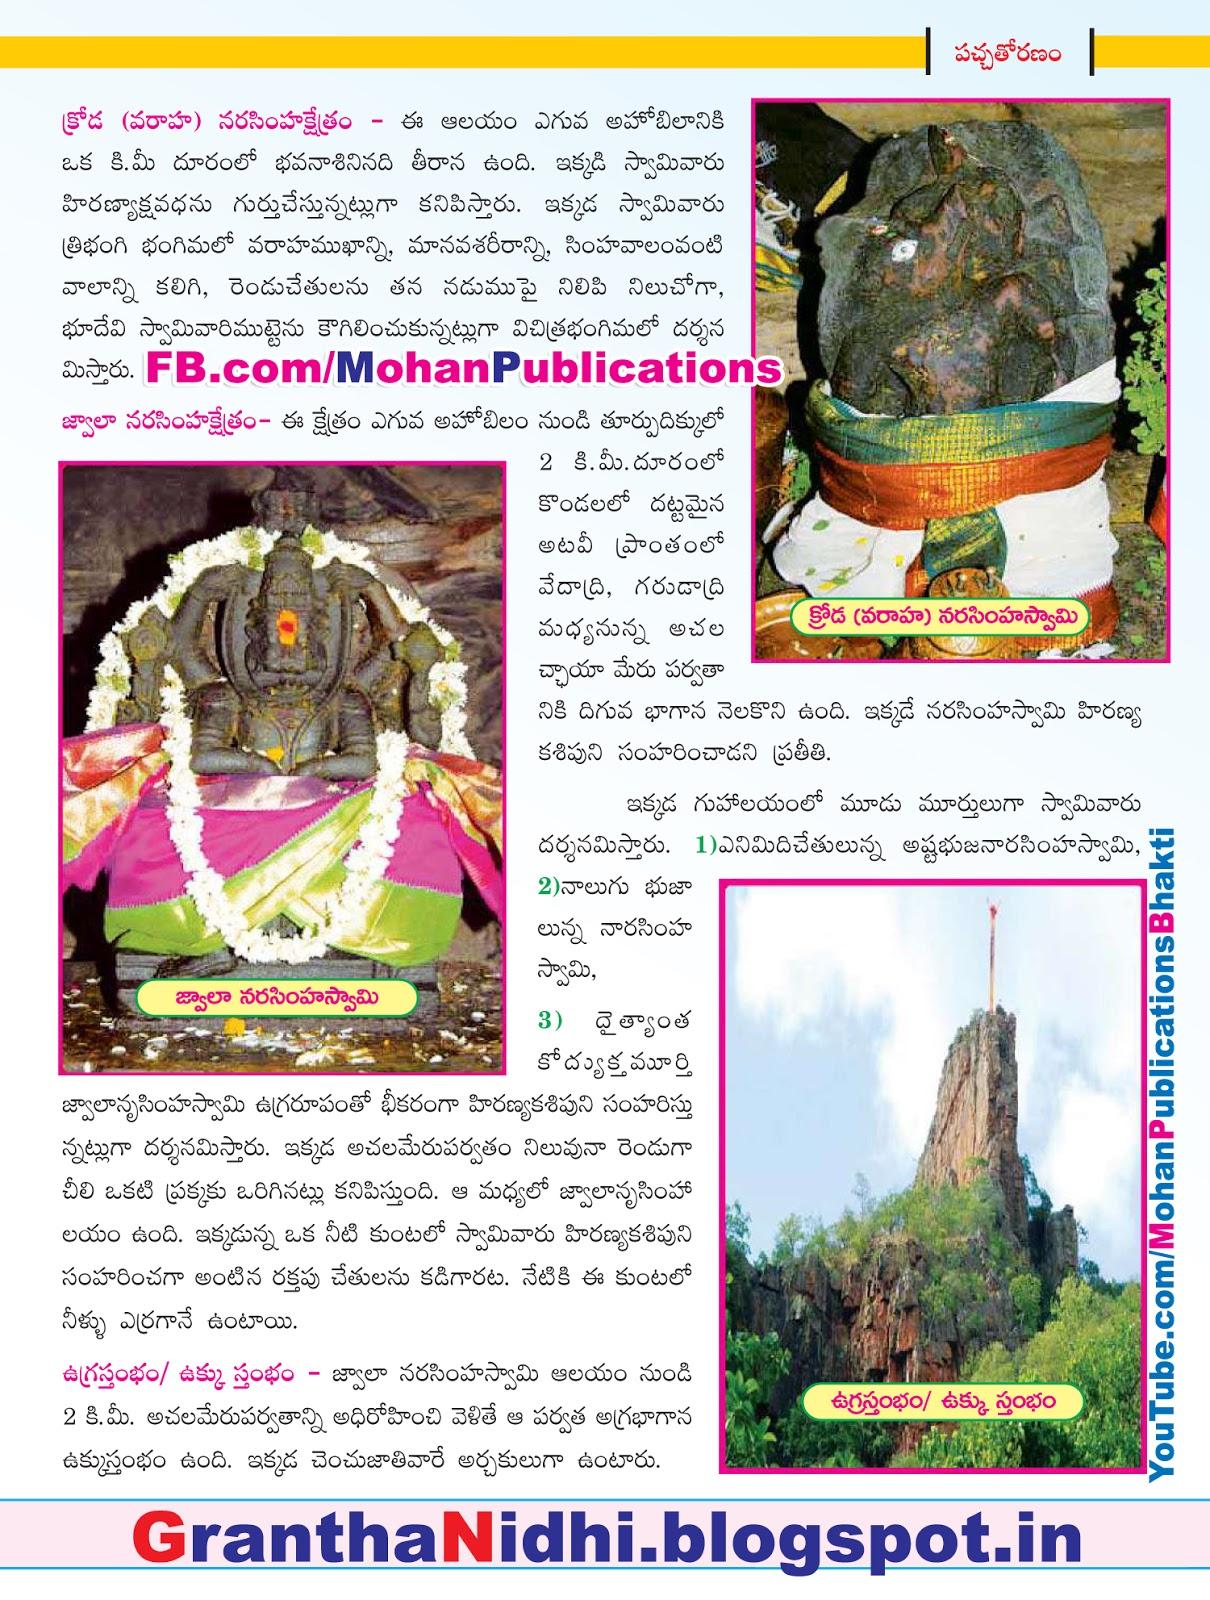 అహోబిలం క్షేత్రదర్శనం Ahobilam Lord Narasimha Lord Lakshmi Narasimha Lord Vishnu Narasimhavathara Narasimha Ahobilam Temple Ahobilam Konda Ahobilam Food Ahobilam Travel Upper Ahobilam Lower Ahobilam Prahlada Hiranyakasyapa Korukonda Yadadri TTD TTD Ebooks Sapthagiri TTD Magazine Saptagiri Ebooks Tirumala Bhakthi Pustakalu Bhakti Pustakalu BhakthiPustakalu BhaktiPustakalu